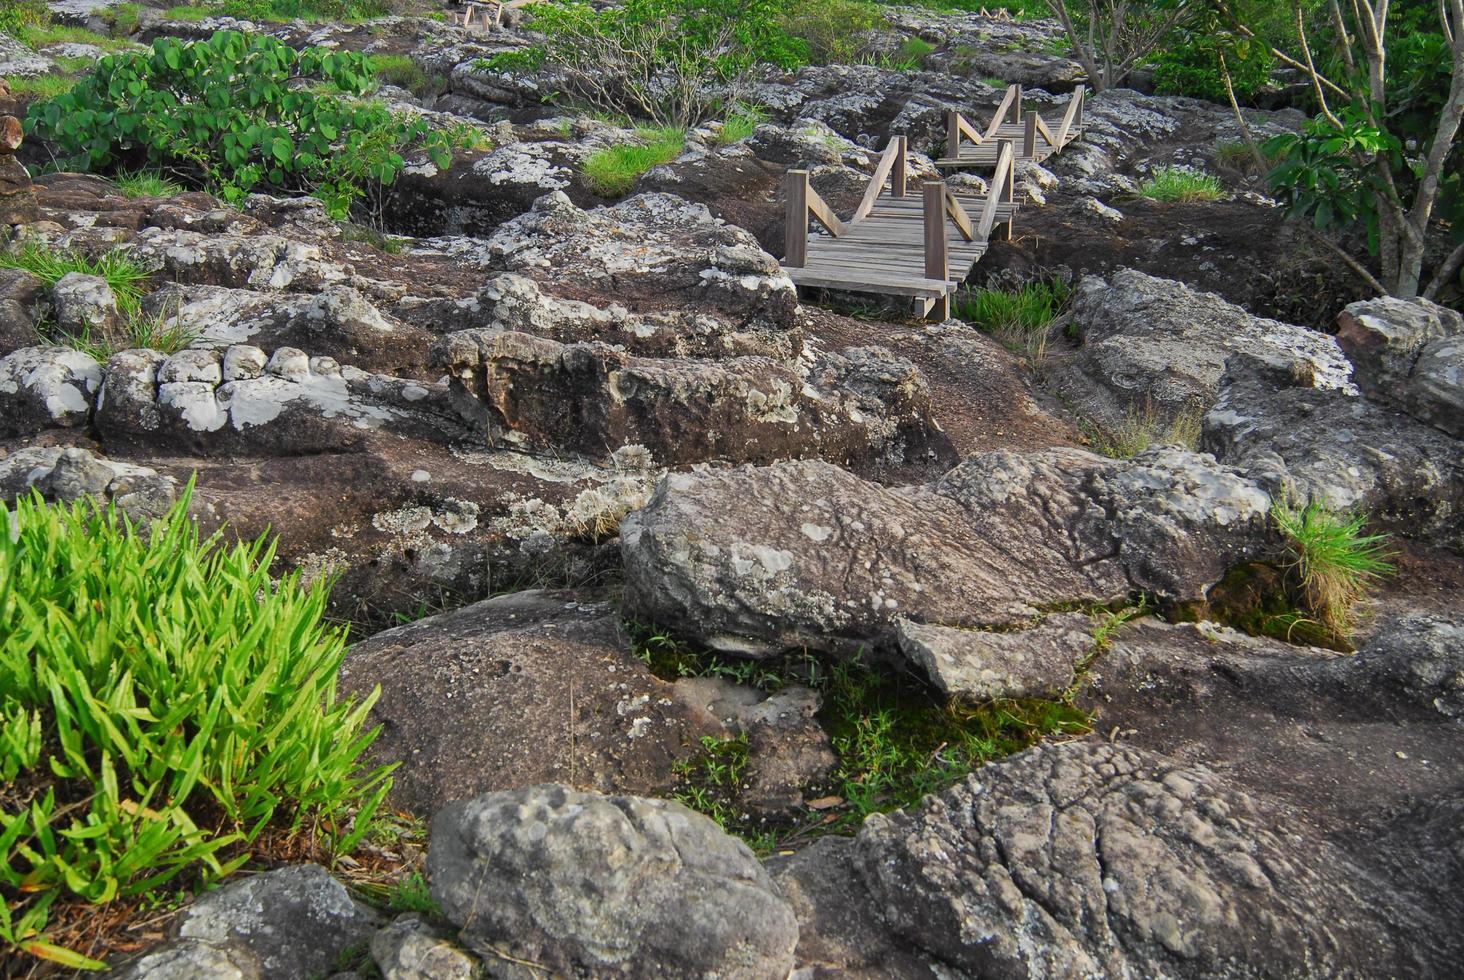 piedra en forma de copa. el parque nacional pa hin ngam en chaiyaphum, tailandia foto